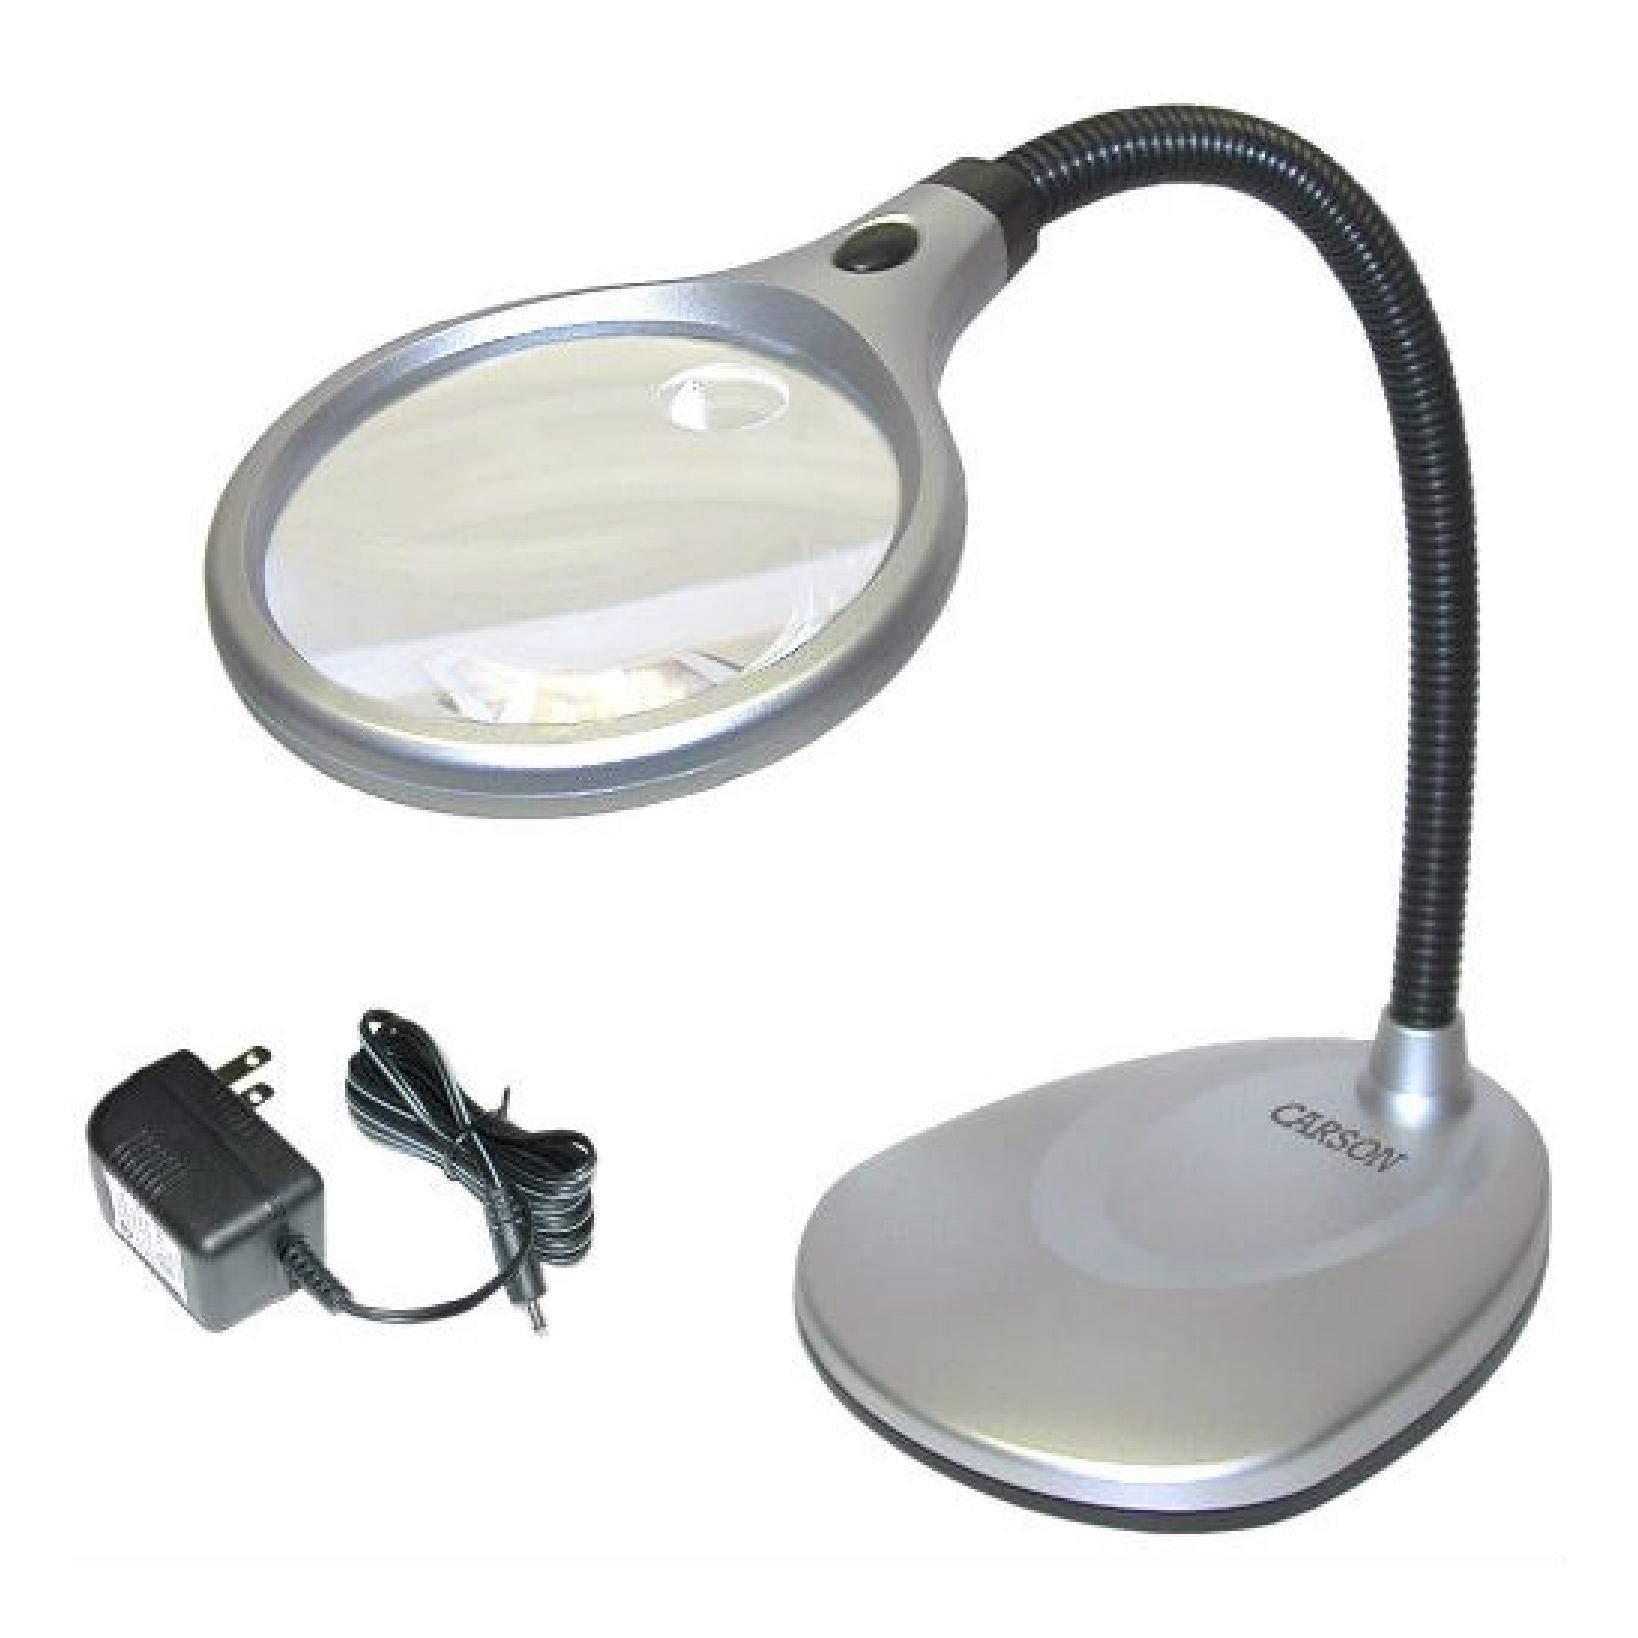 LED Illuminated 2X Magnifying Glass/Desk Lamp, LED Illuminated 2X Magnifying Glass/Desk Lamp